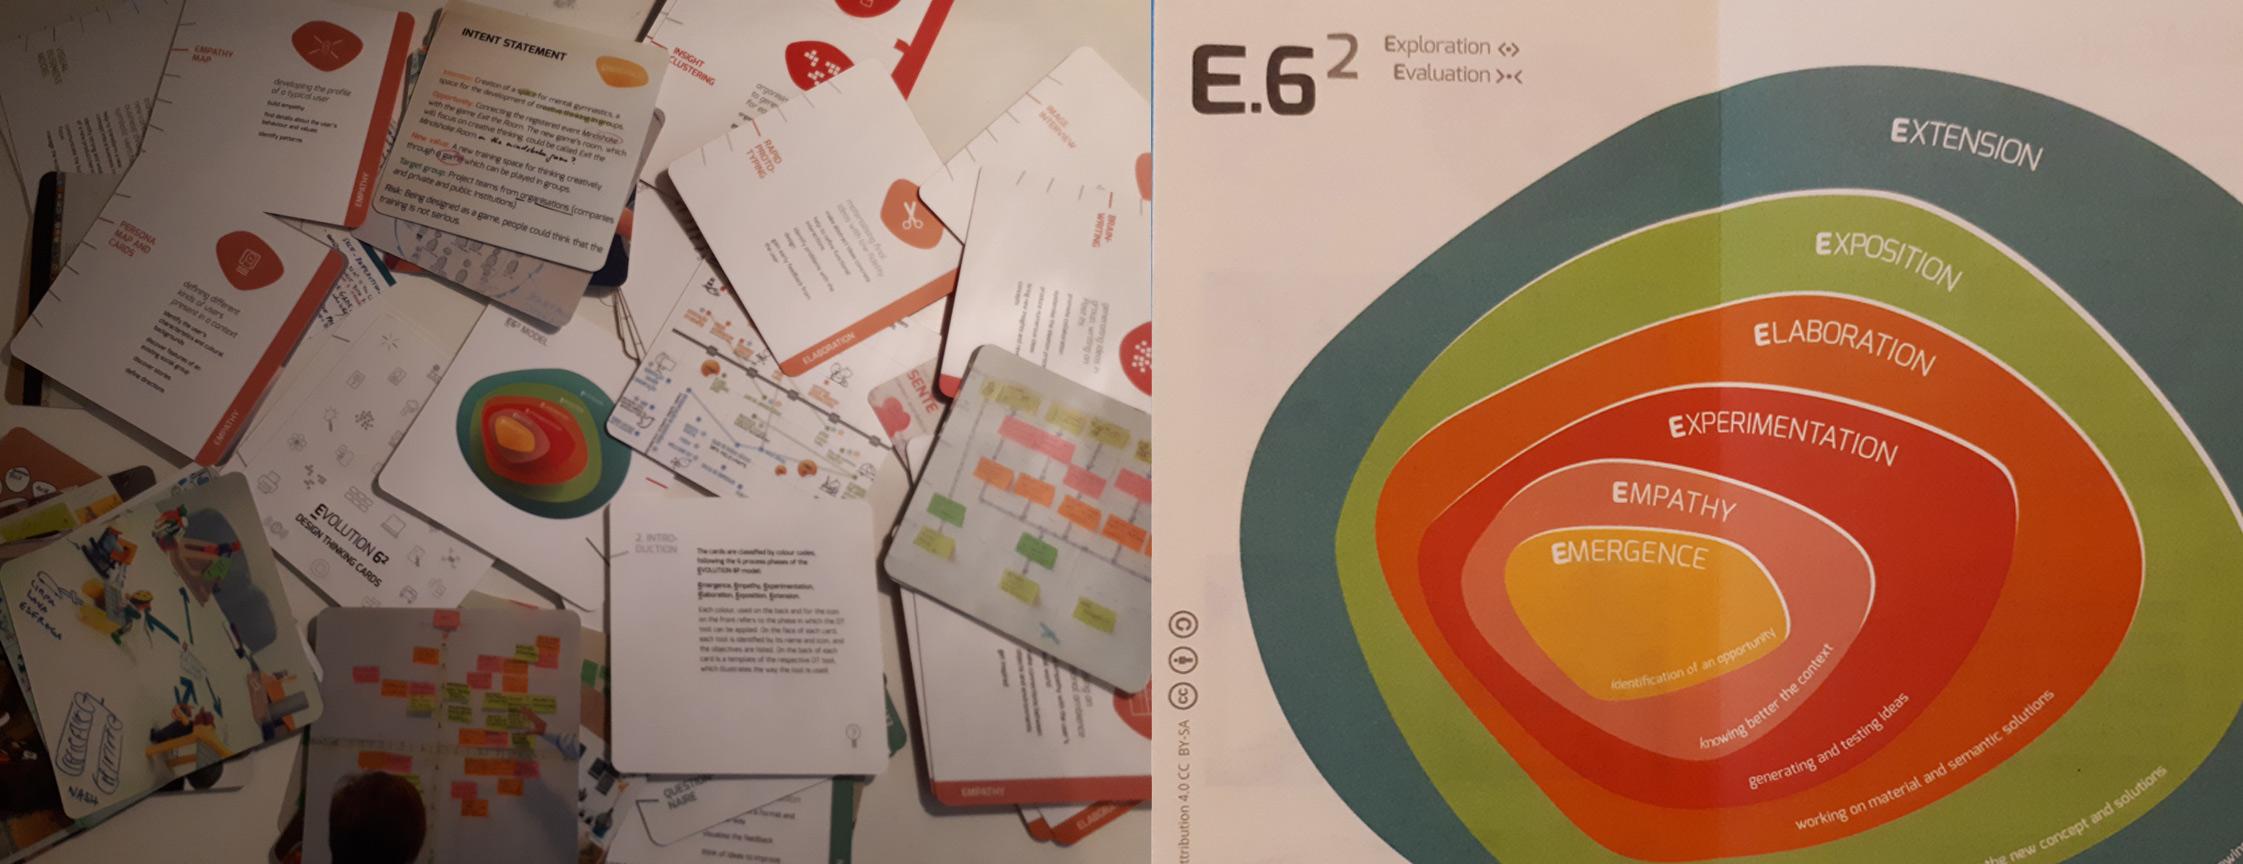 Evolution 6² model